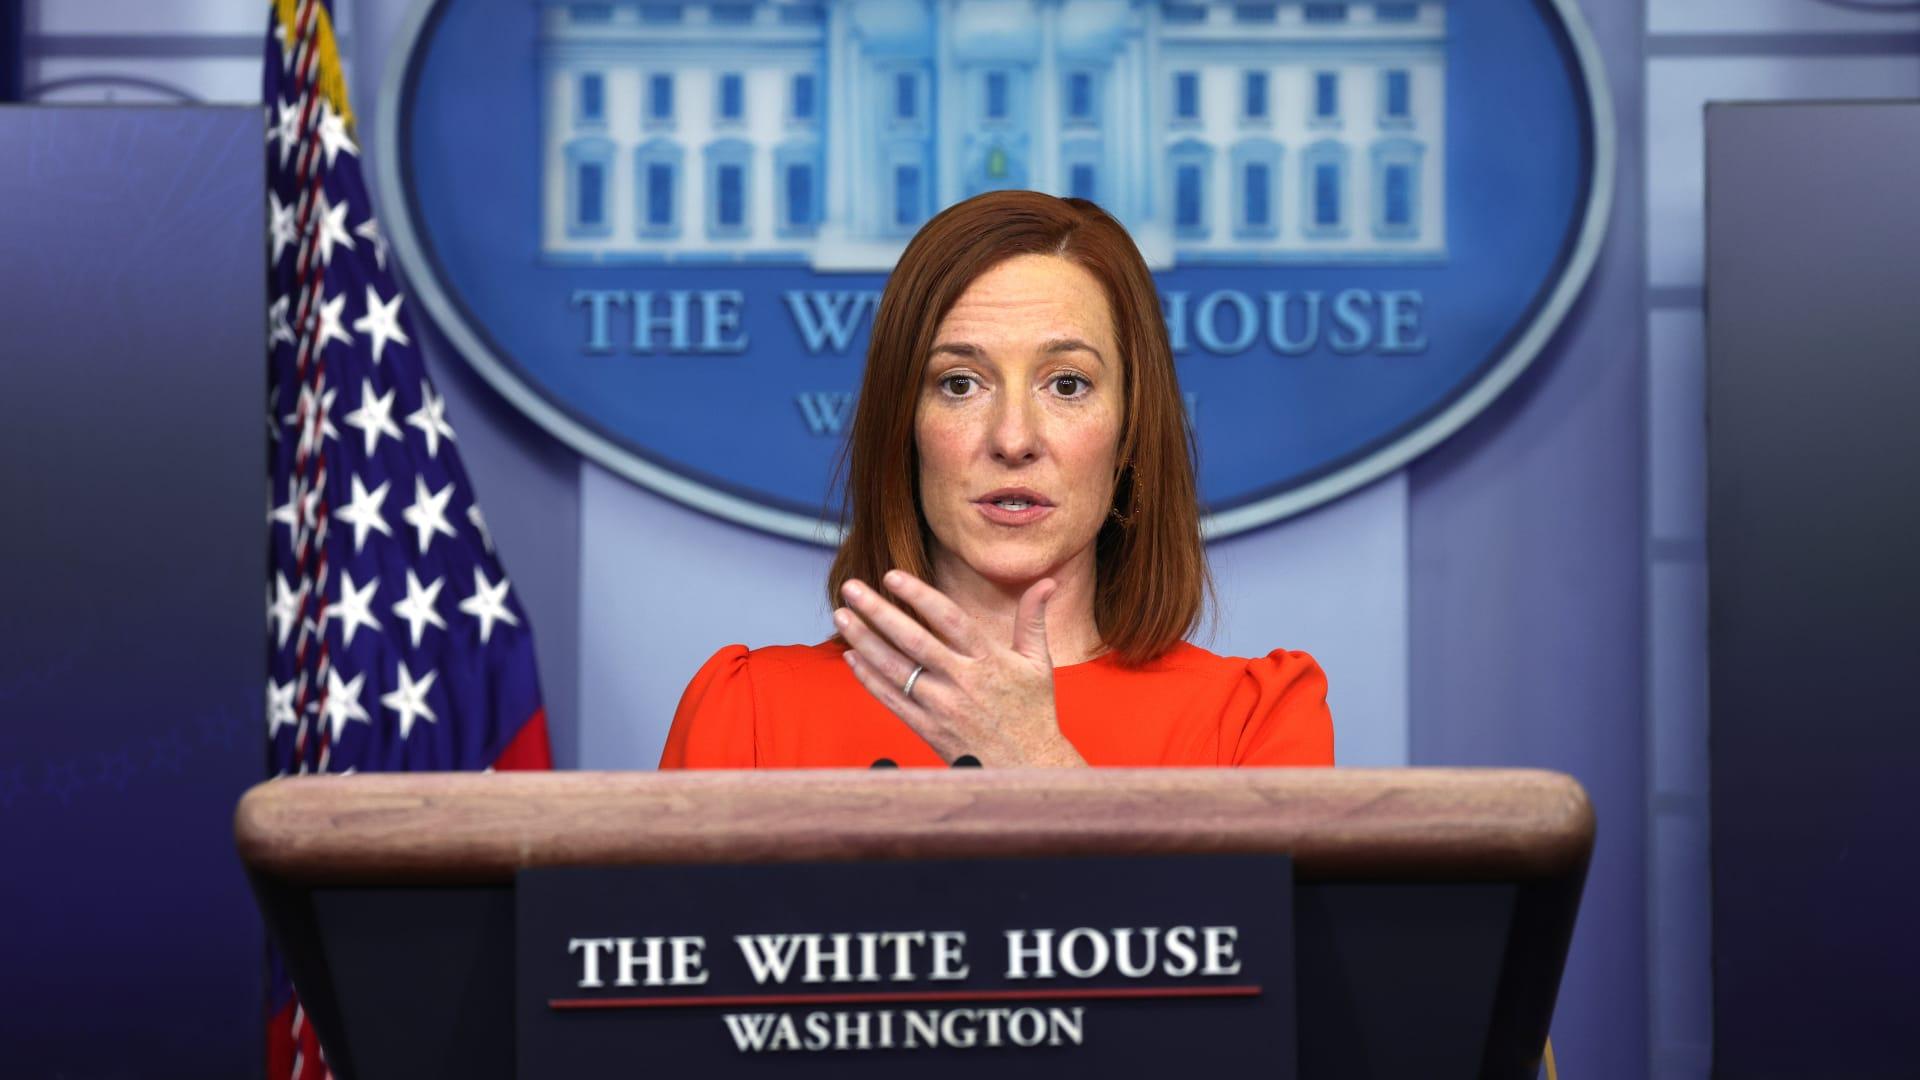 البيت الأبيض يرد على تقارير التوصل لاتفاق مع إيران للإفراج عن محتجزين أمريكيين لديها